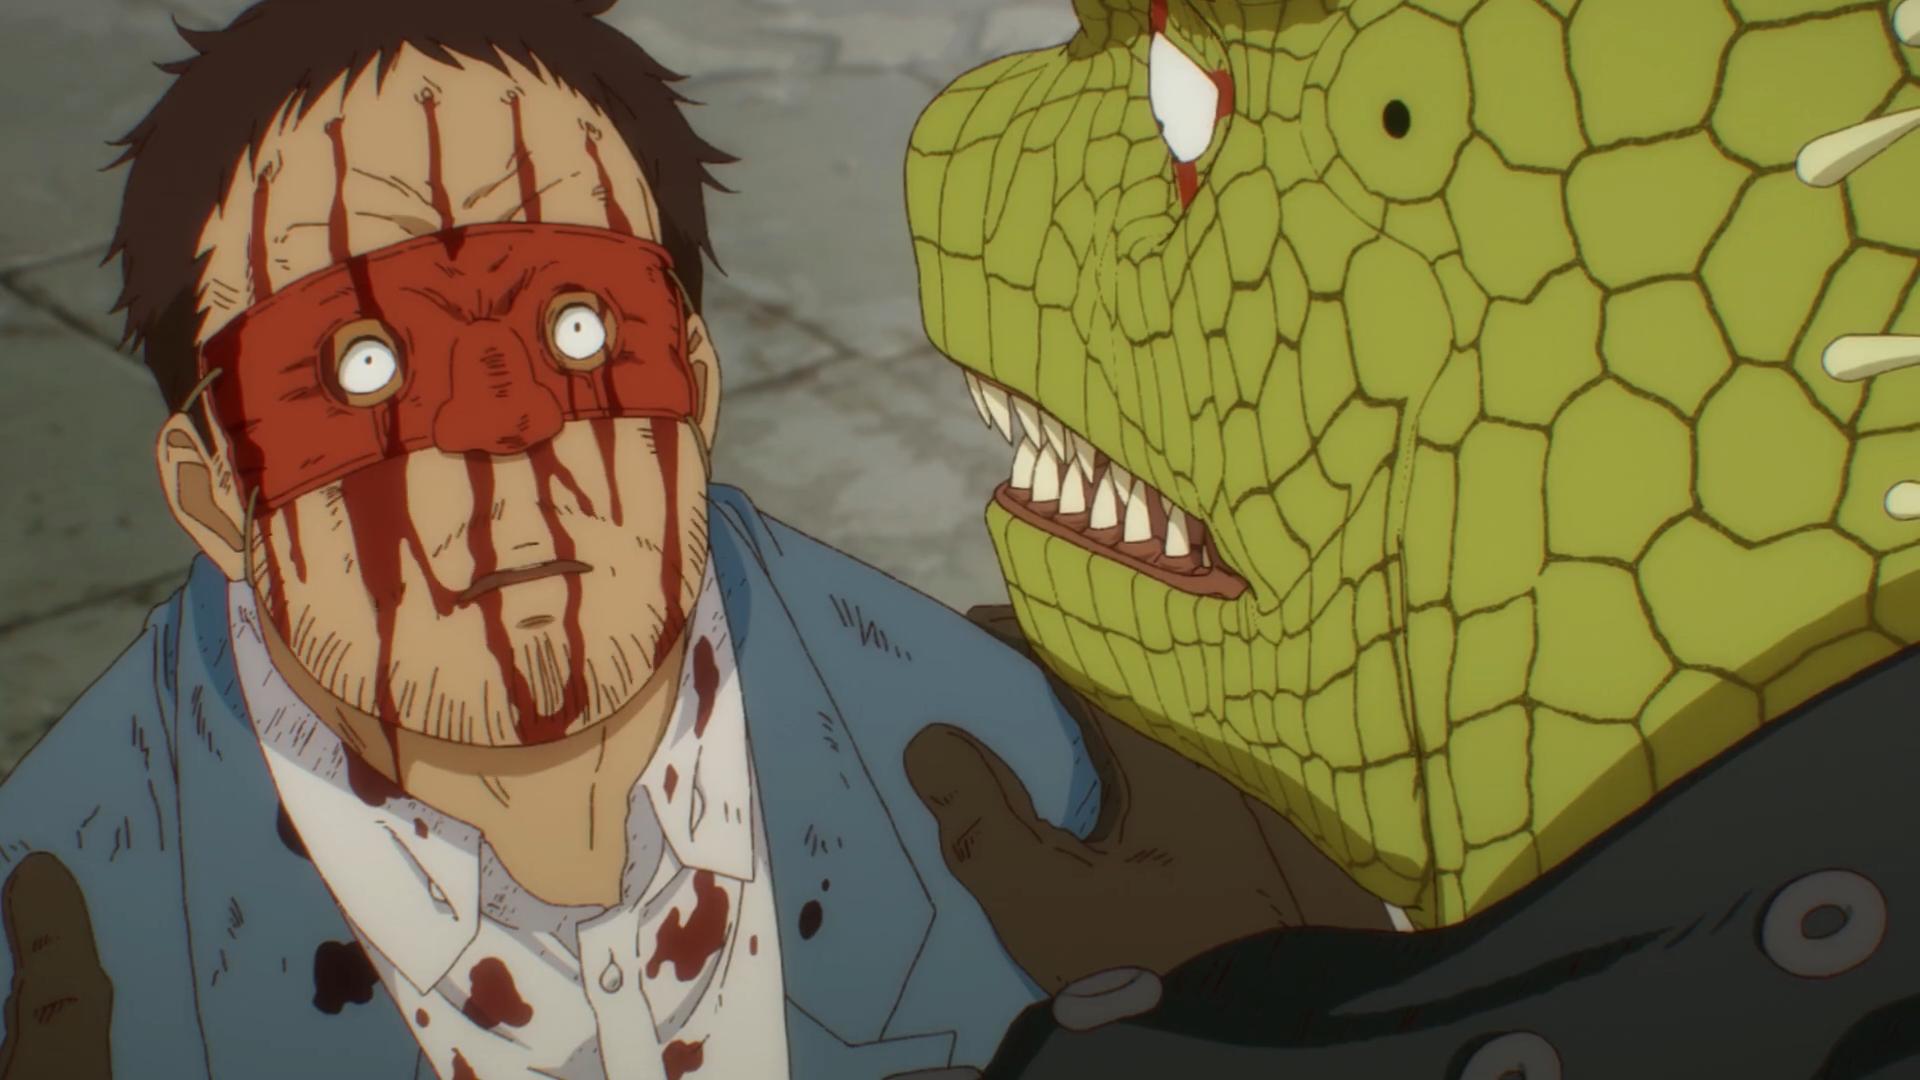 Аниме-сериалы: что смотреть в 2020? 4